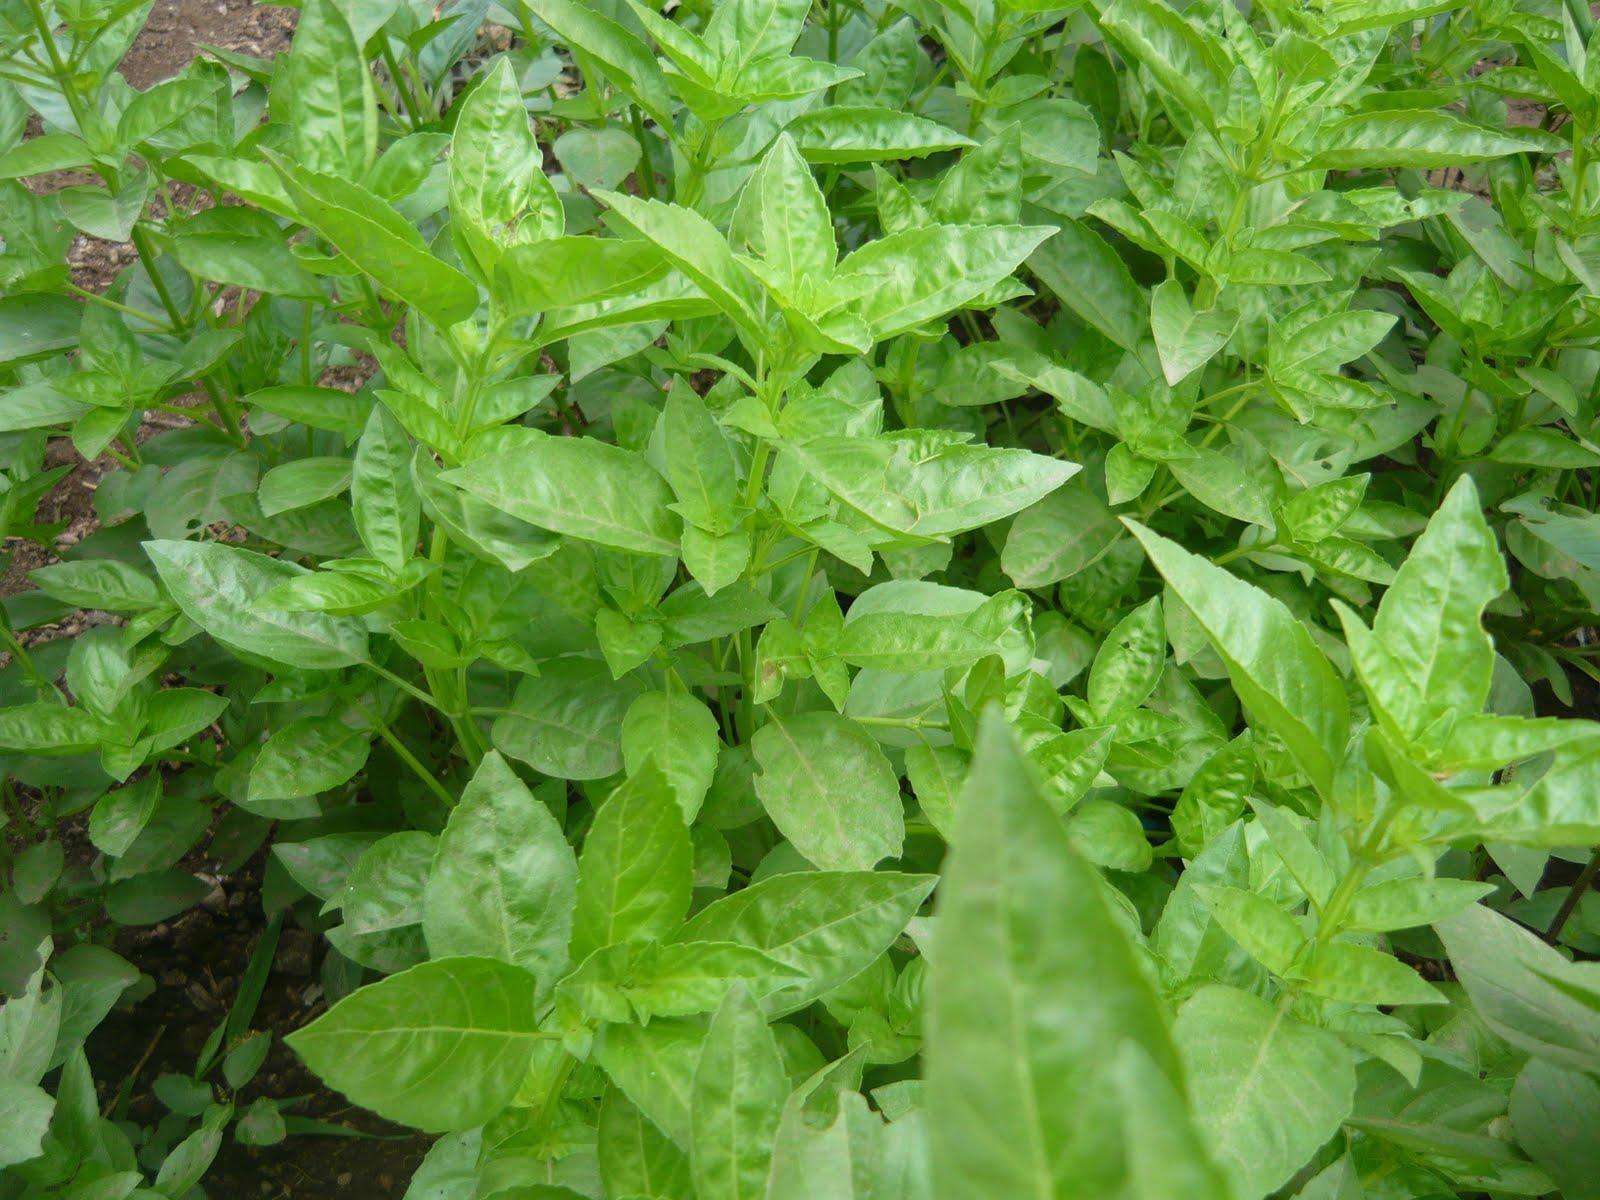 Alternativa ecol gica principales hierbas arom ticas y for Hierbas aromaticas y medicinales